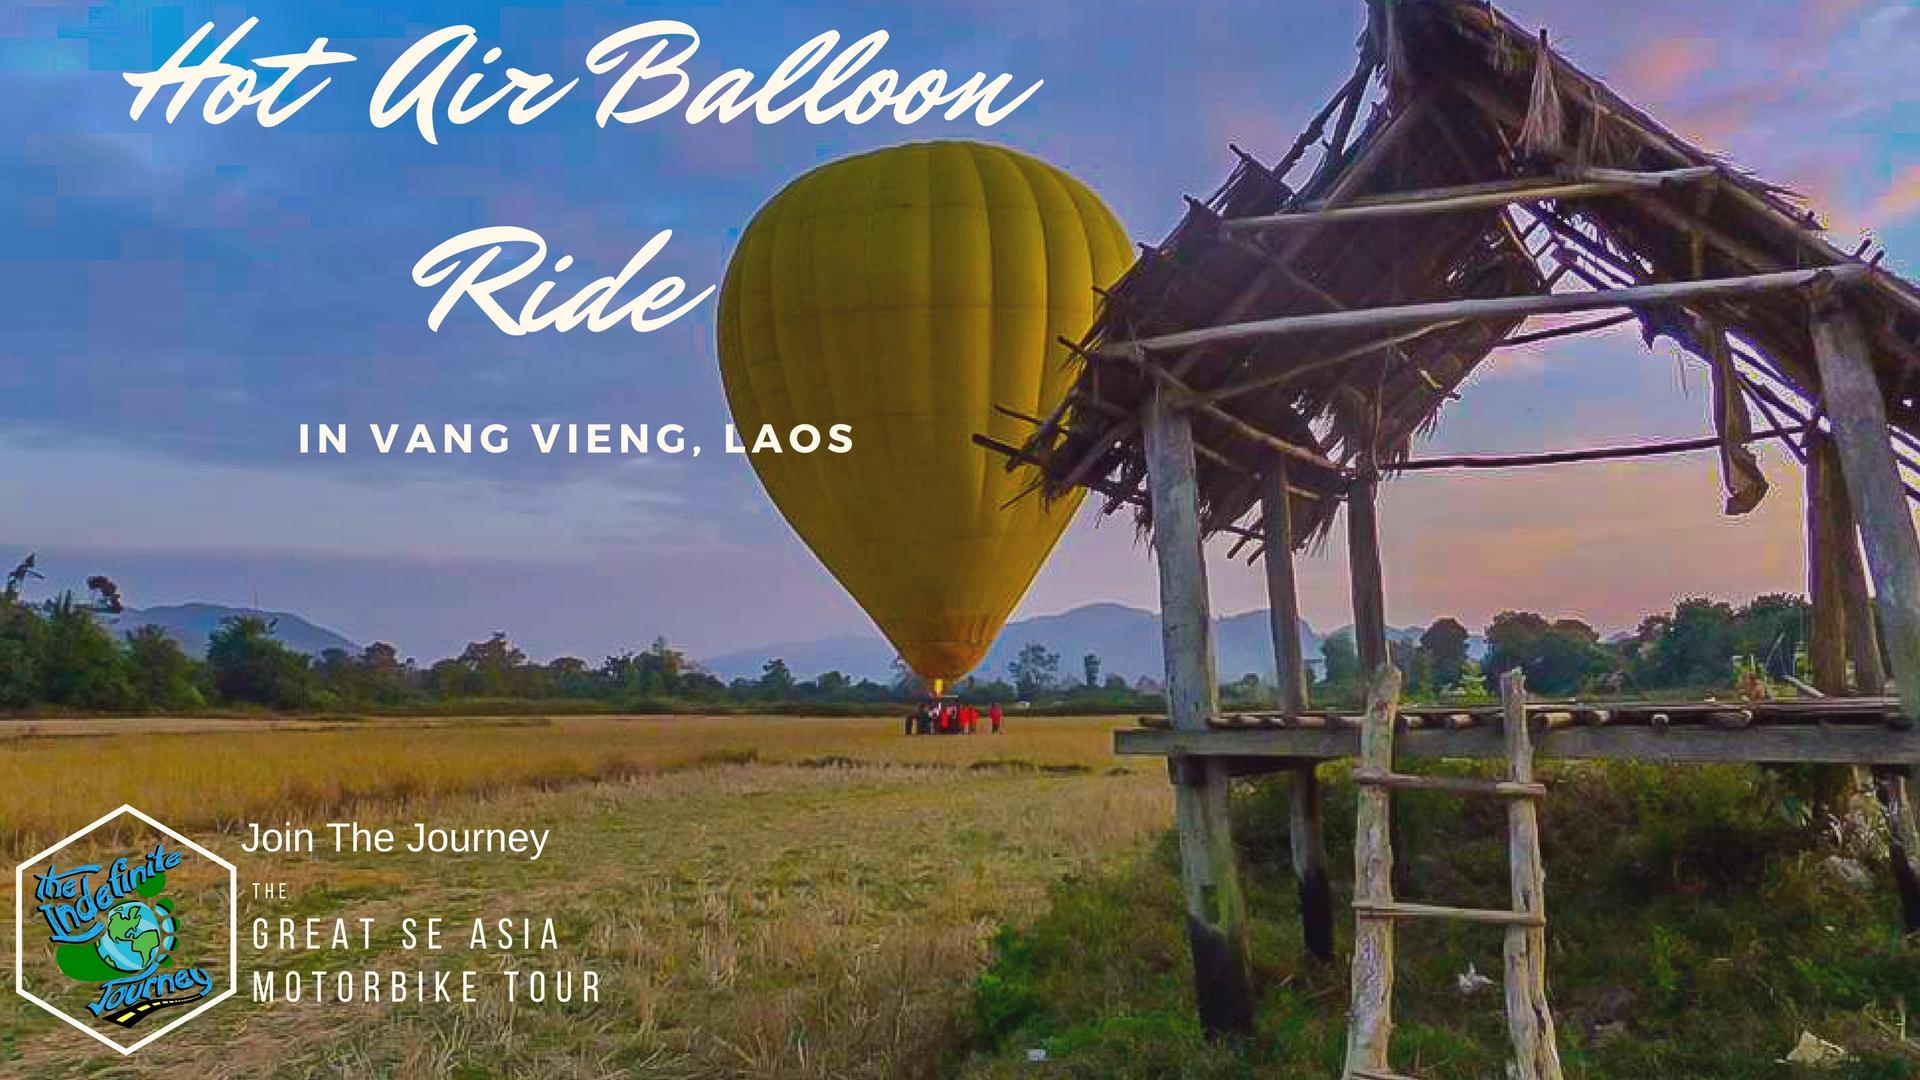 Hot Air Balloon Ride In Vang Vieng, Laos